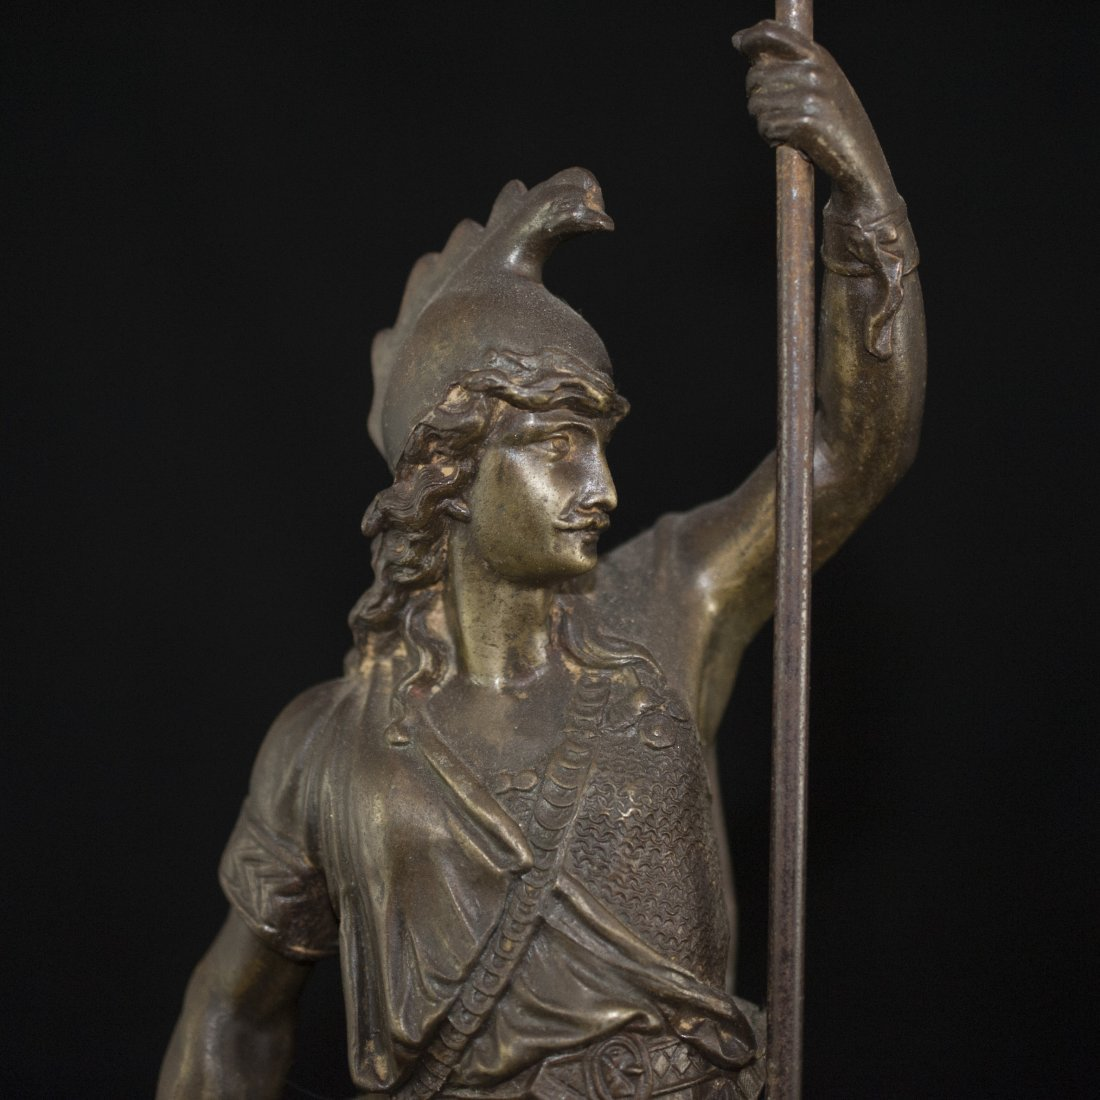 Pair of White Metal Greek God Figurines - 2